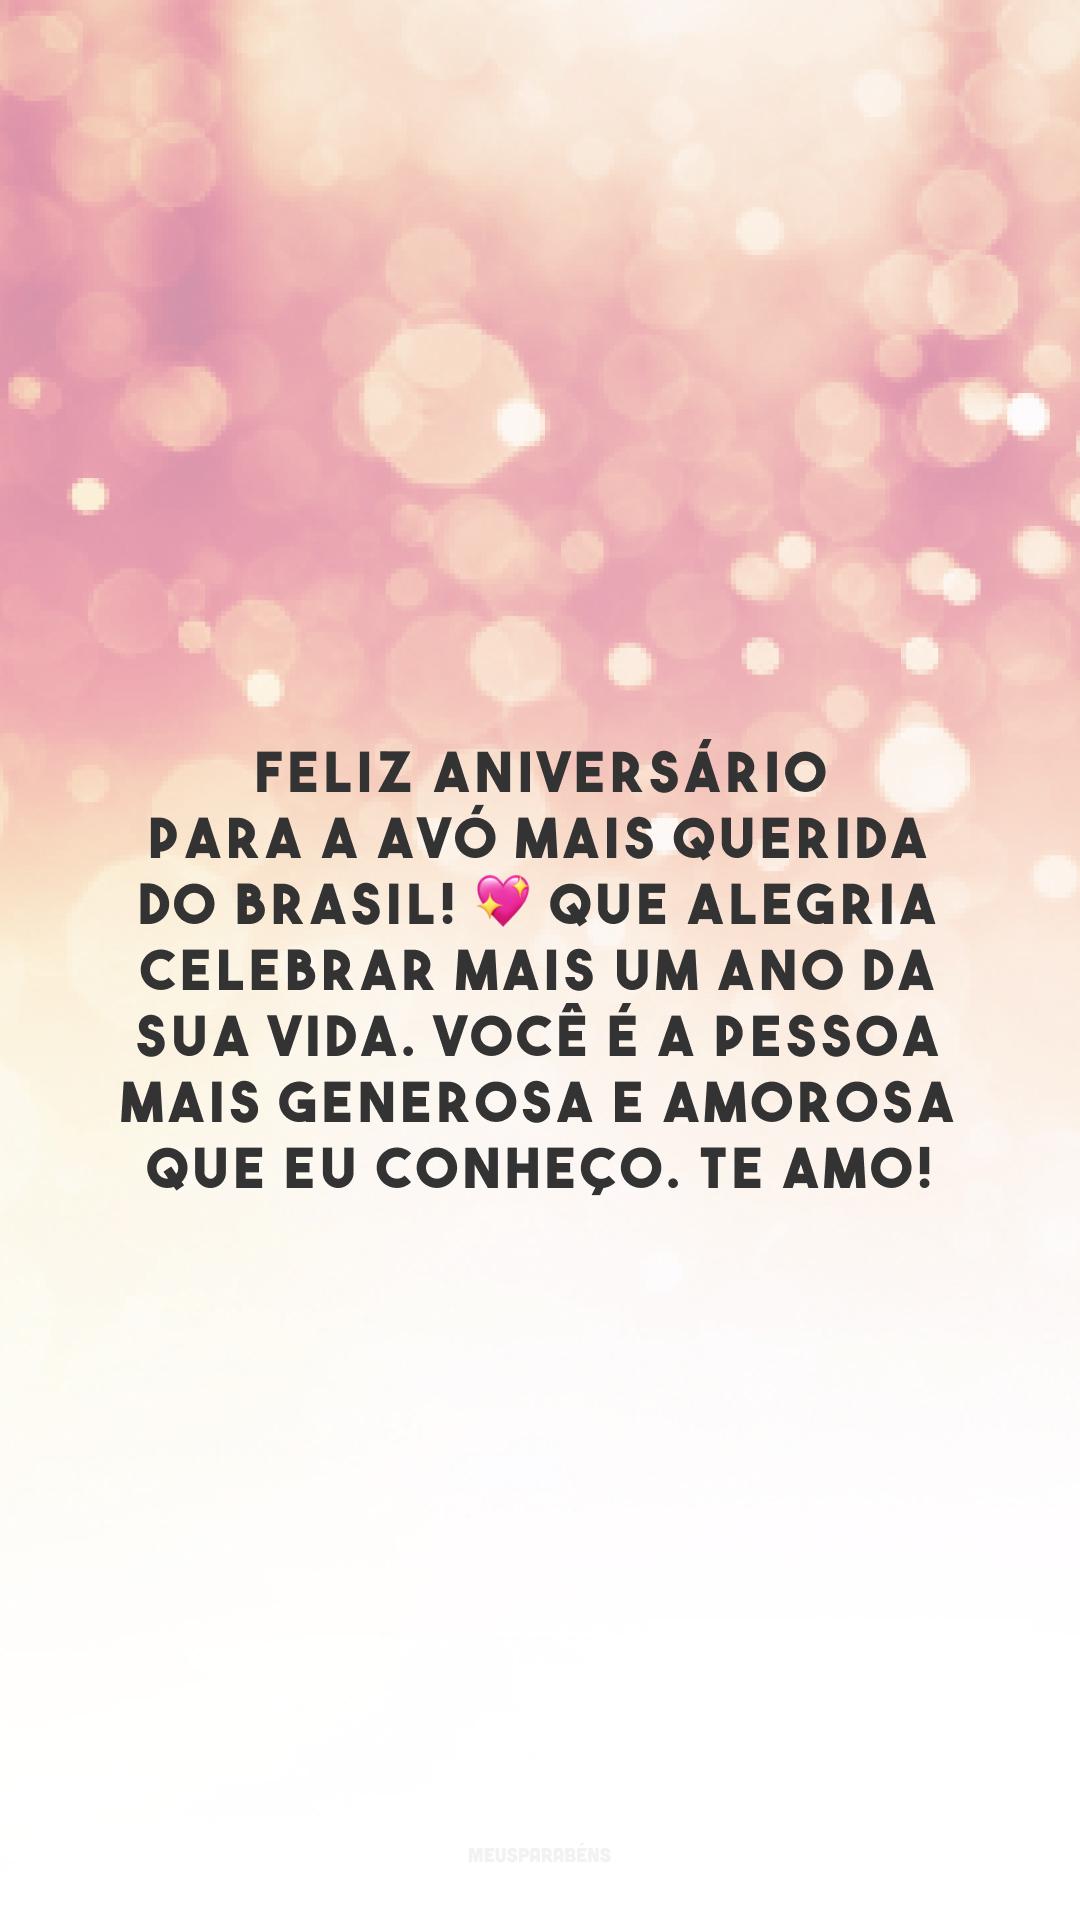 Feliz aniversário para a avó mais querida do Brasil! 💖 Que alegria celebrar mais um ano da sua vida. Você é a pessoa mais generosa e amorosa que eu conheço. Te amo!